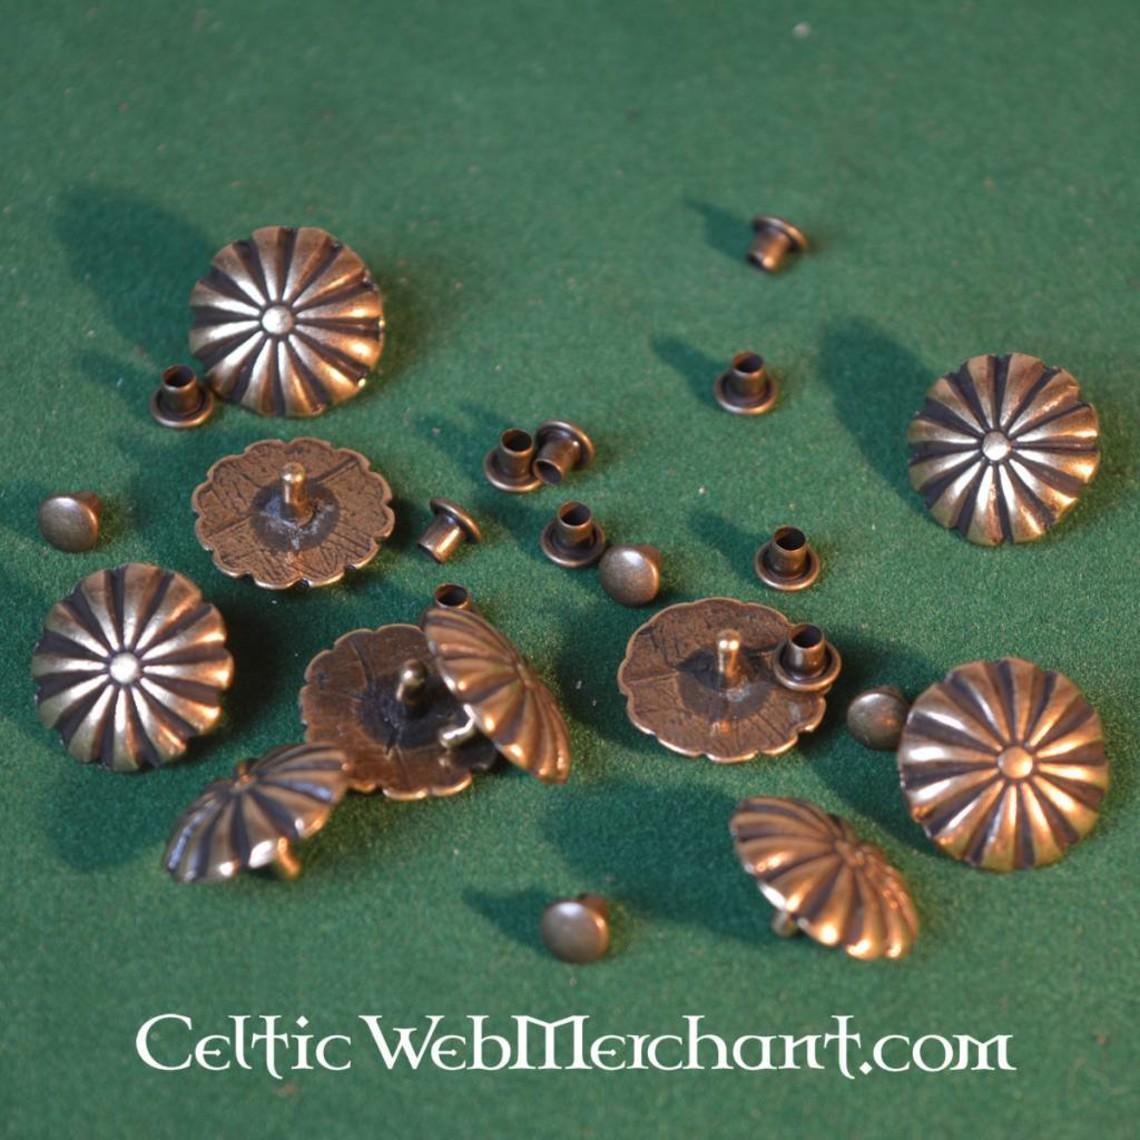 montage de ceinture de rosette médiévale (ensemble de 5 pièces)